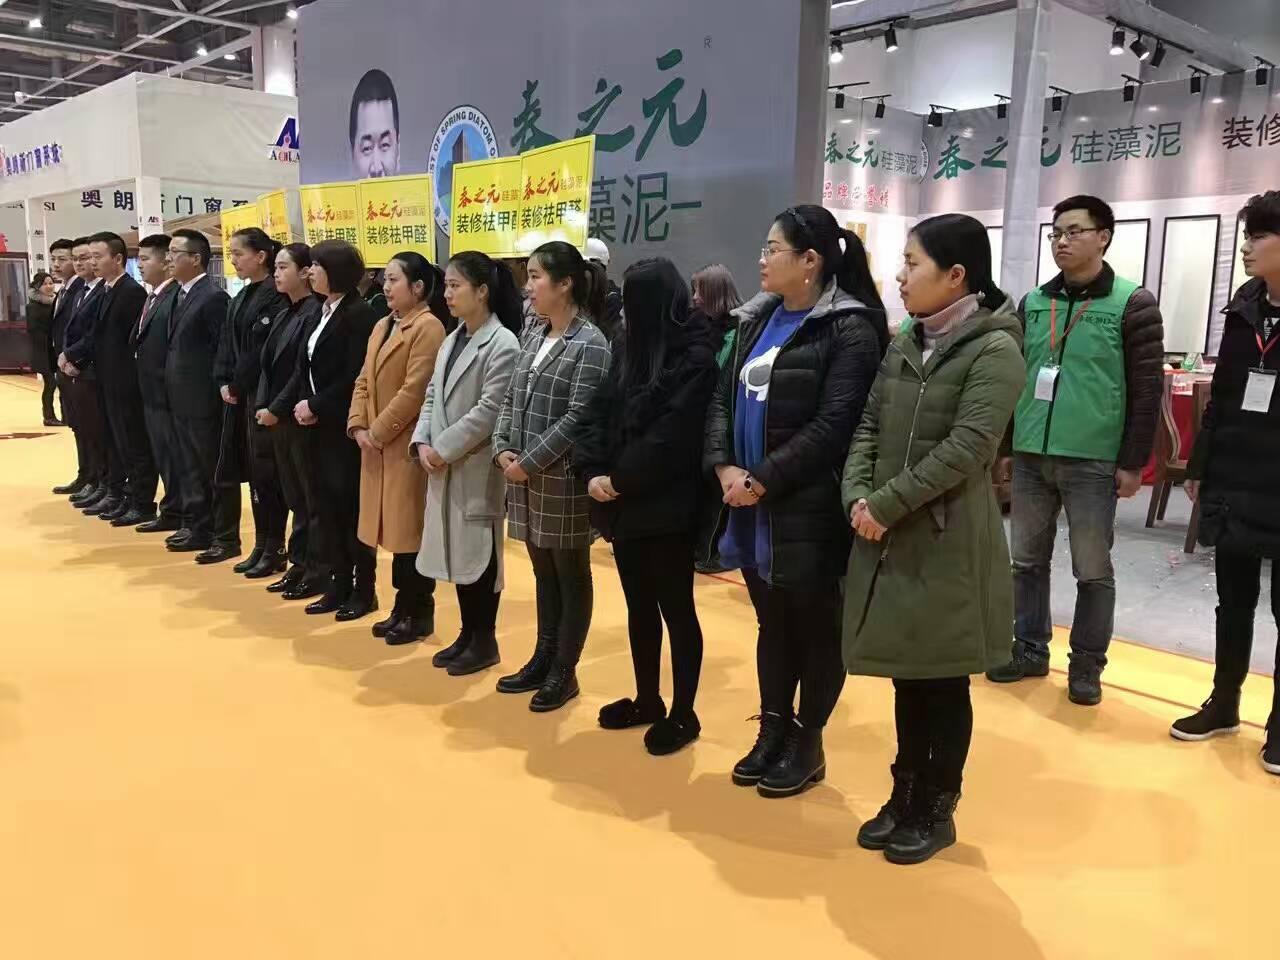 春之元硅藻泥杭州体验馆团队